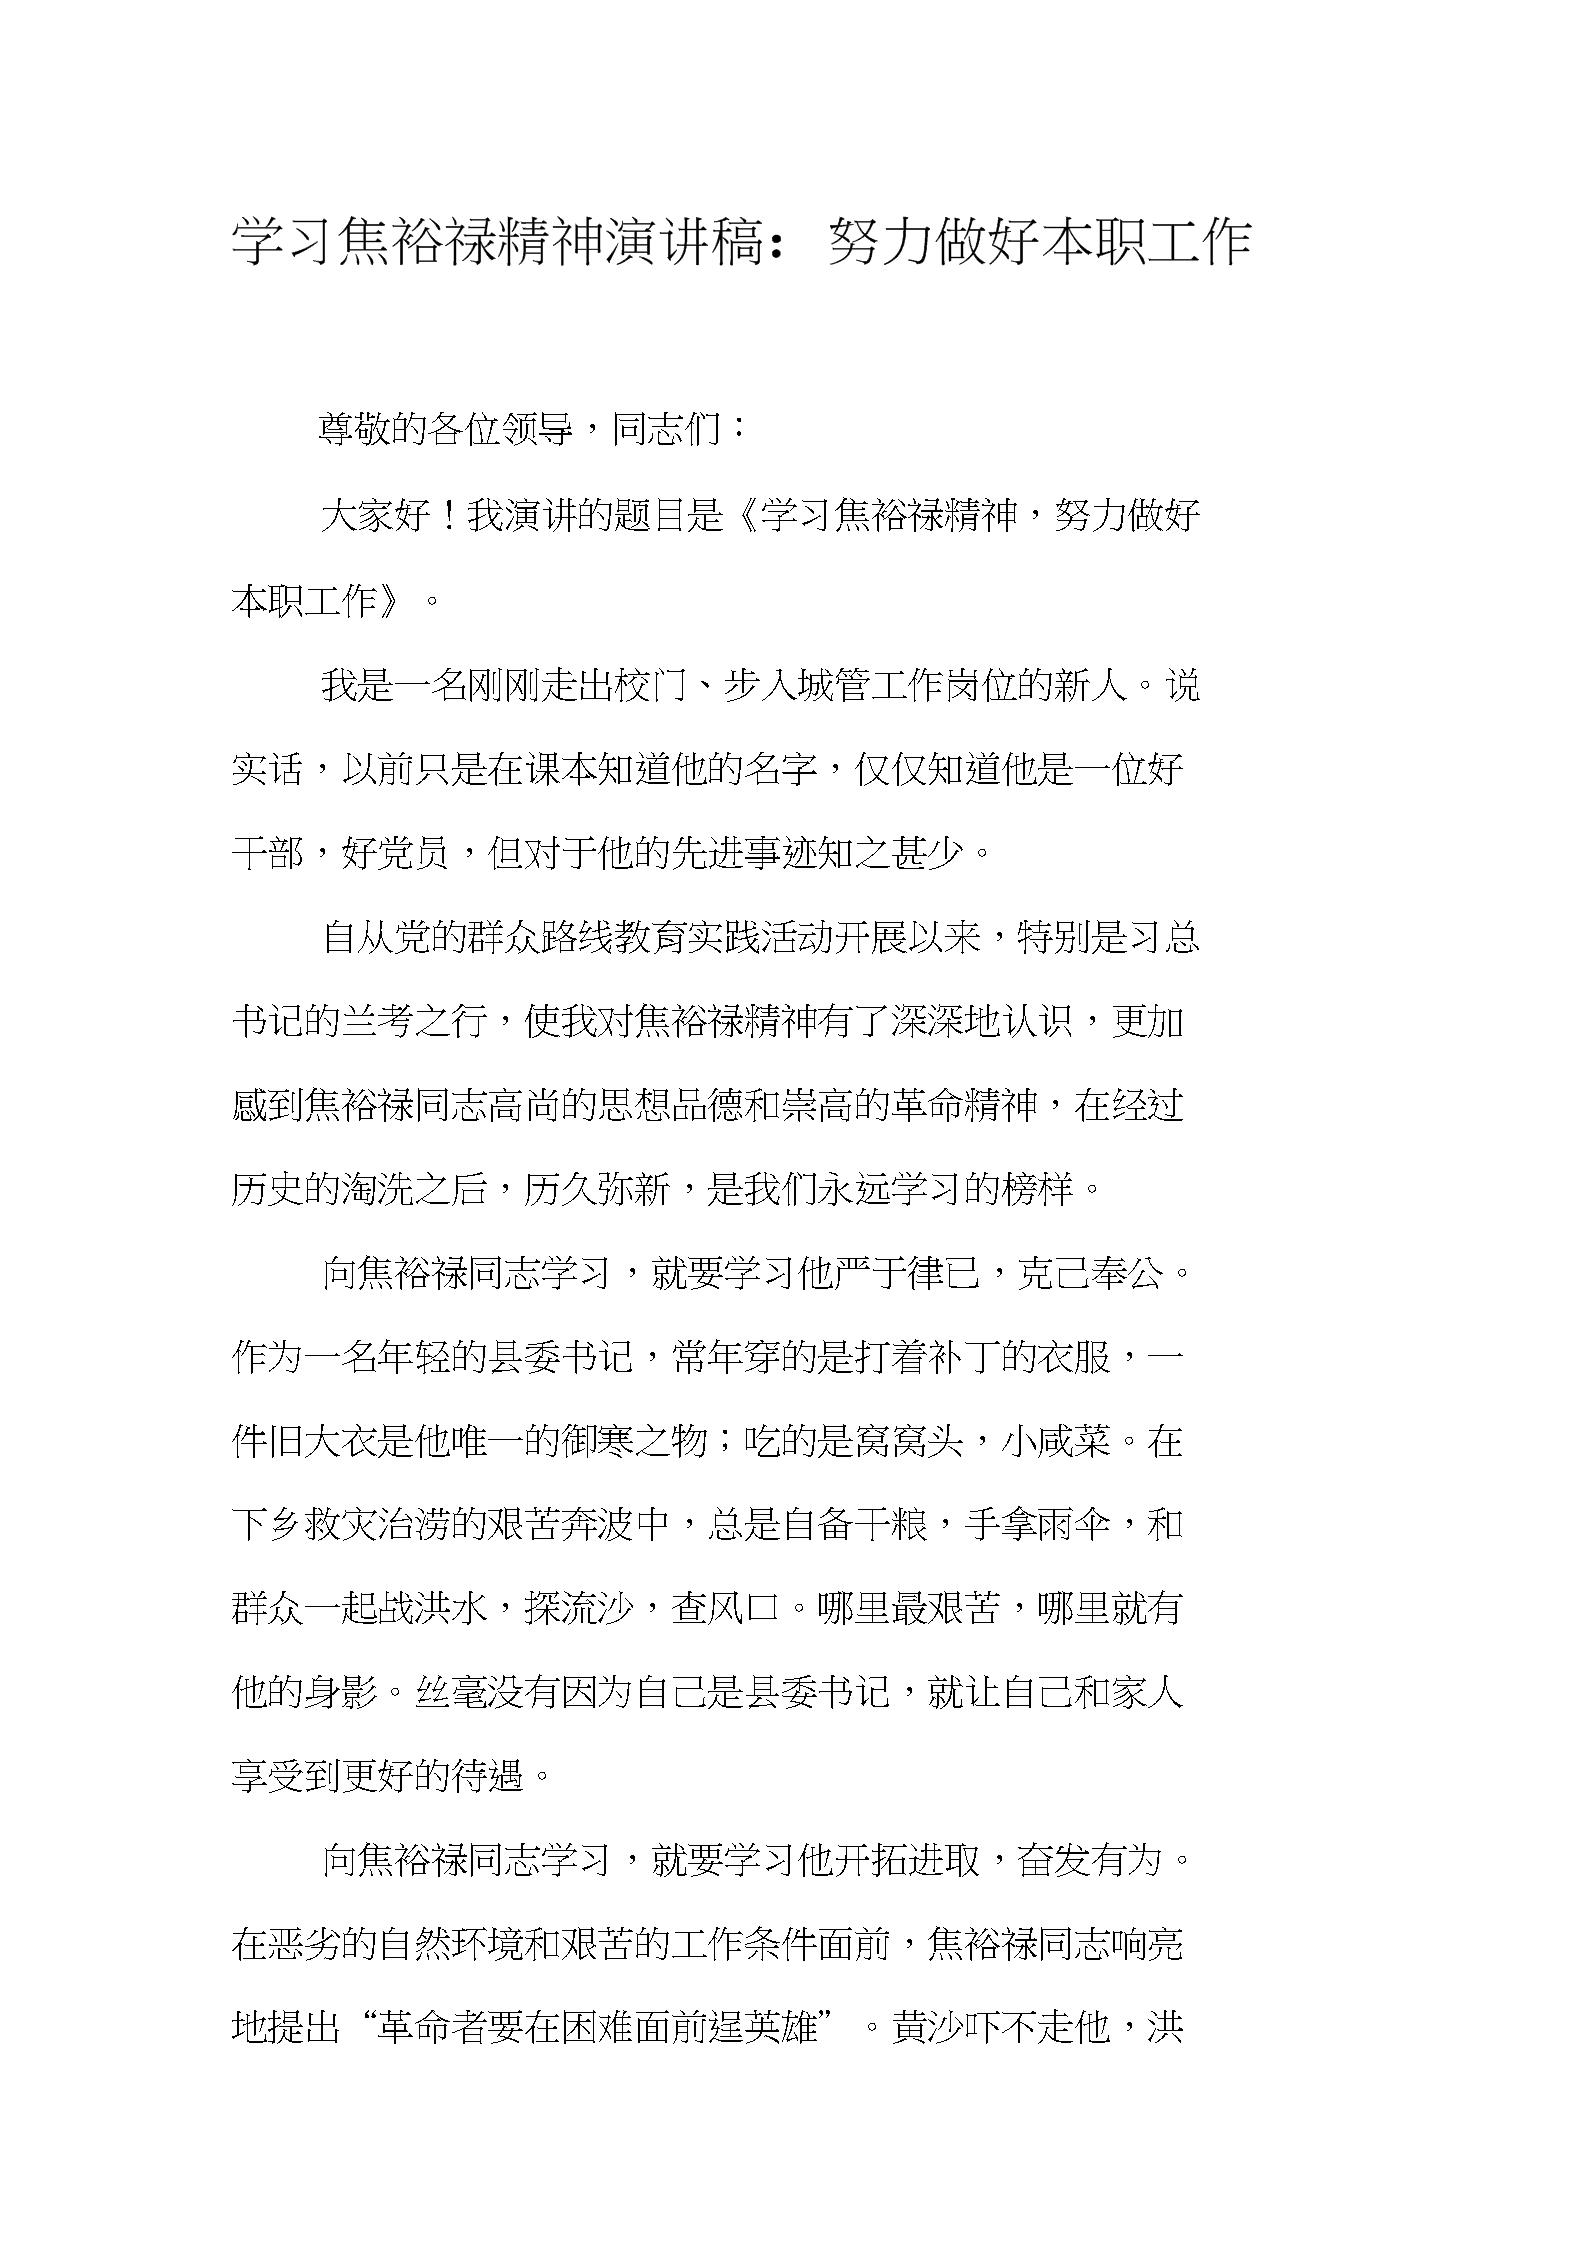 学习焦裕禄精神演讲稿-努力做好本职工作(20200714110523).docx